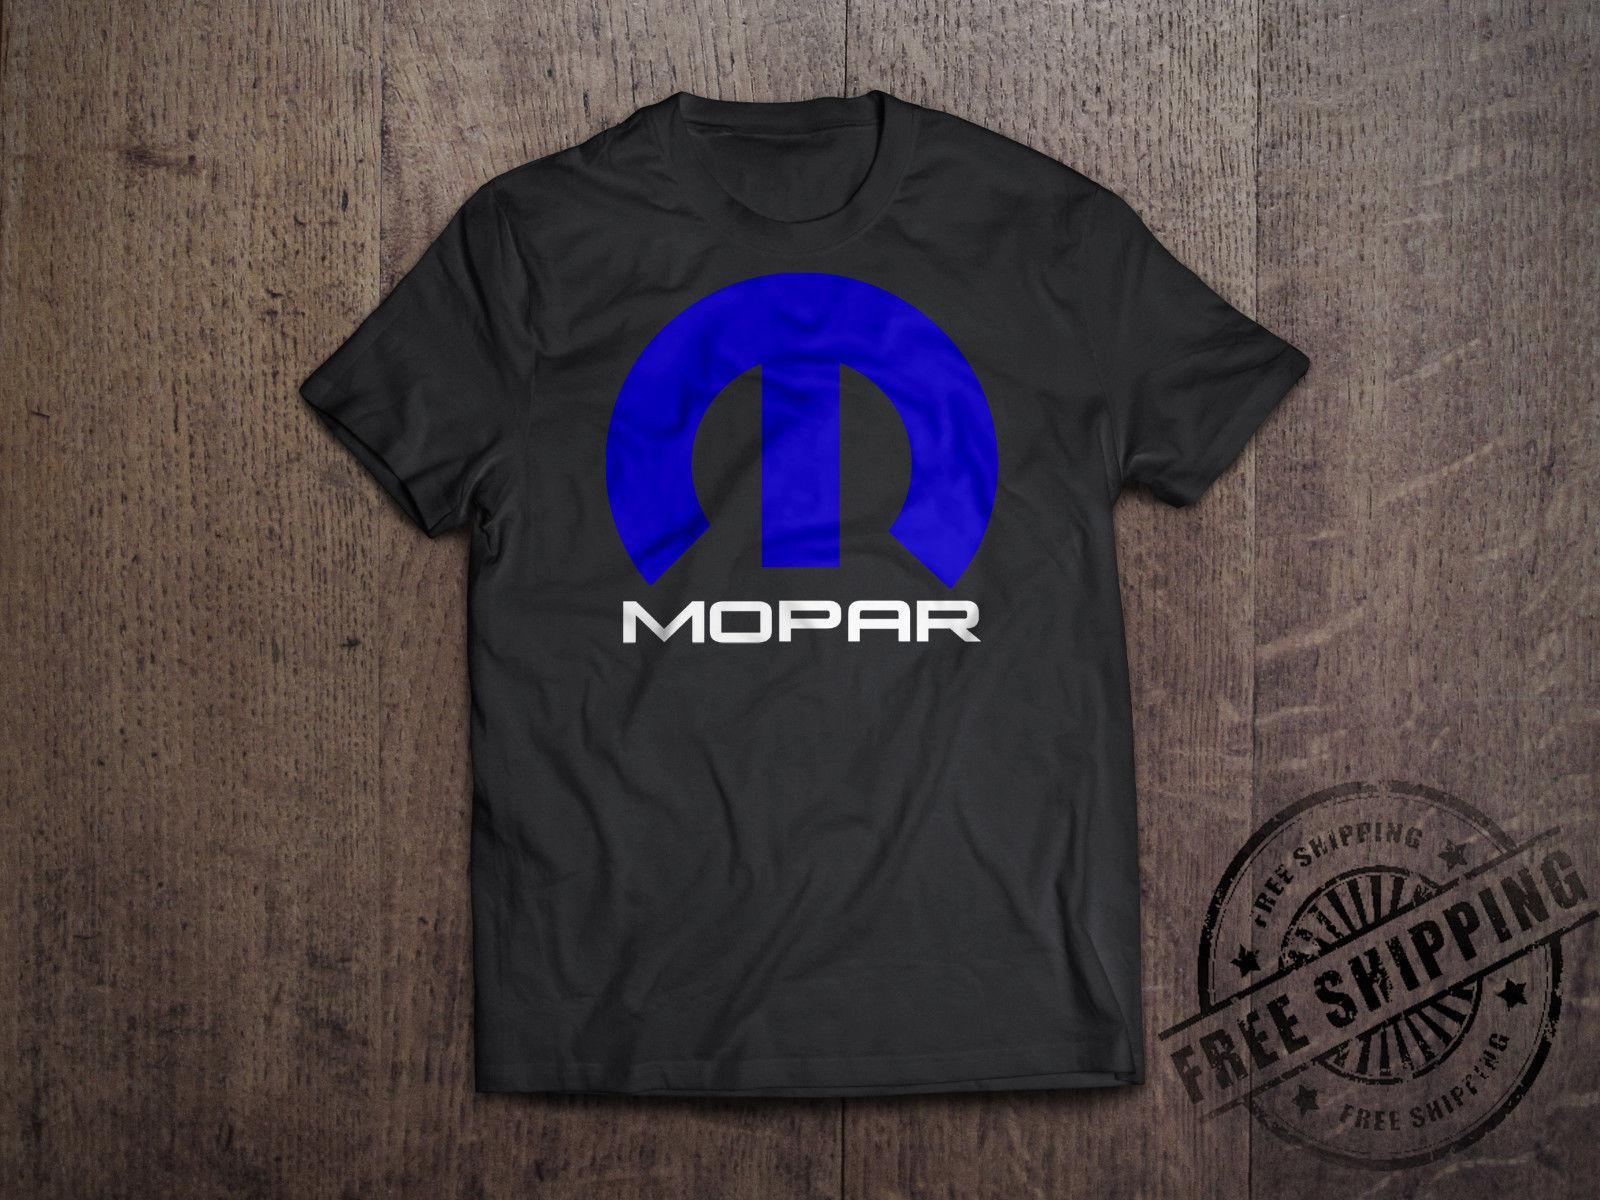 Mopar Dodge Chrysler T Shirt Hemi Ram Truck Race Mens Tee Retro Black